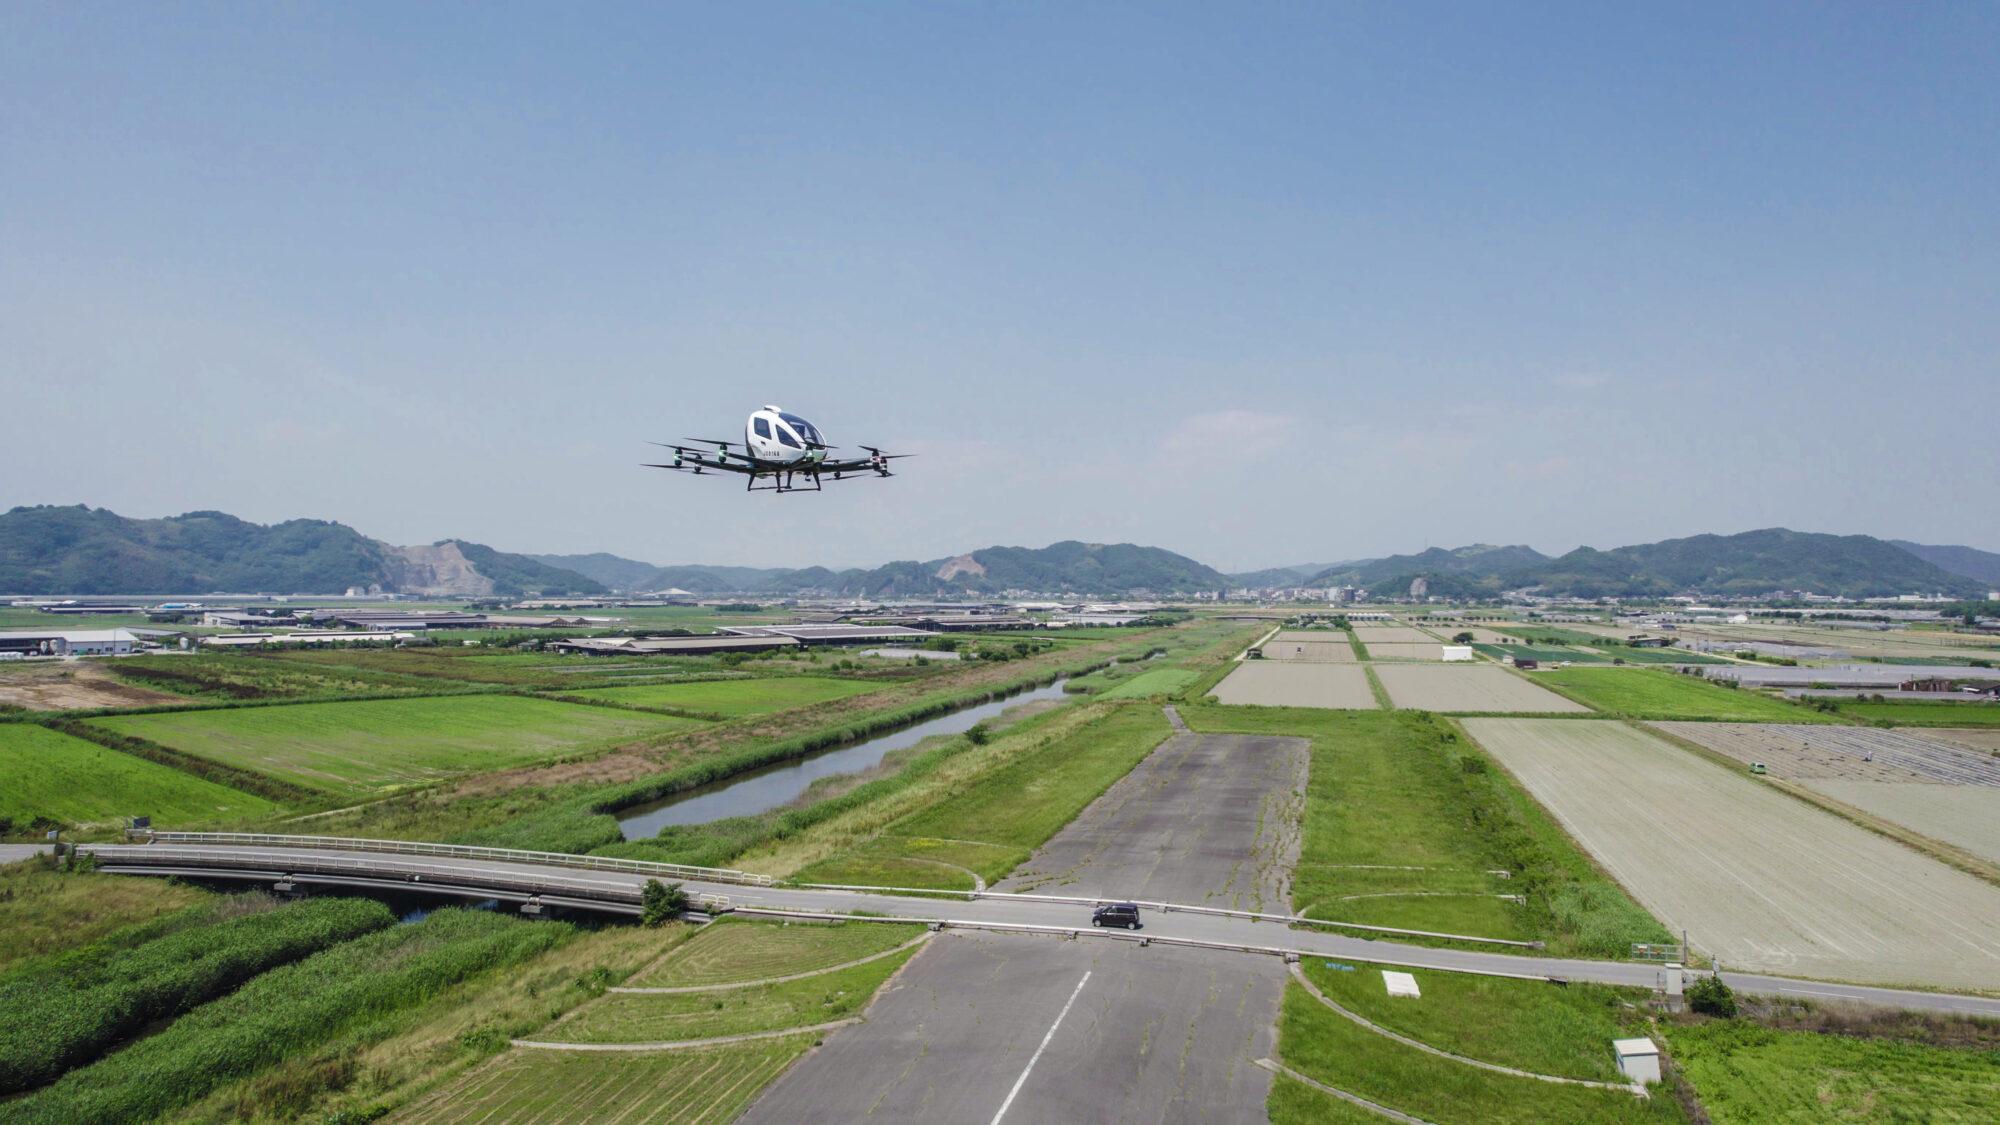 EHang AAV 216 Japan